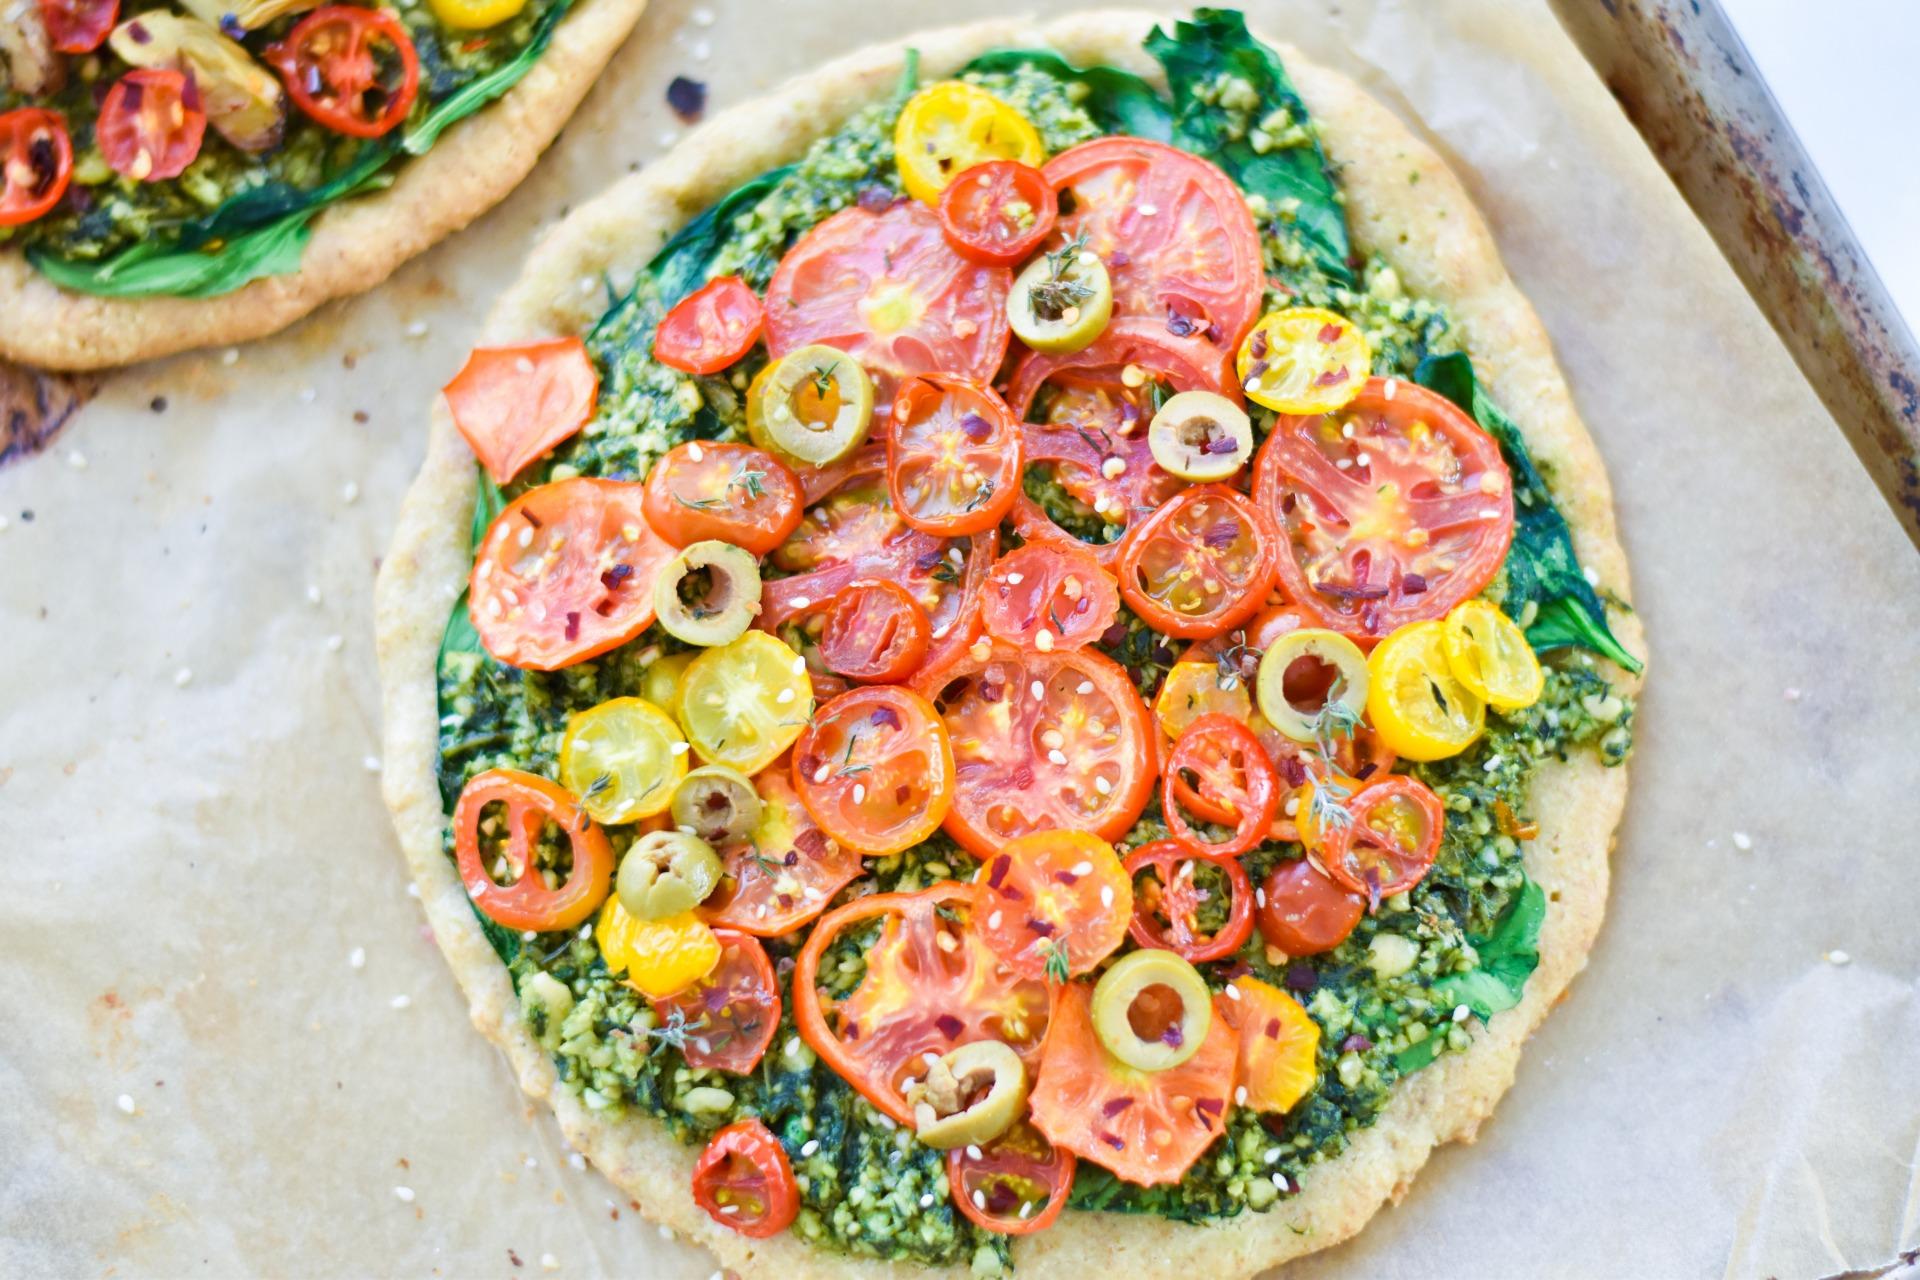 Healthy Summer Recipes - Roasted Tomato & Pesto Pizza